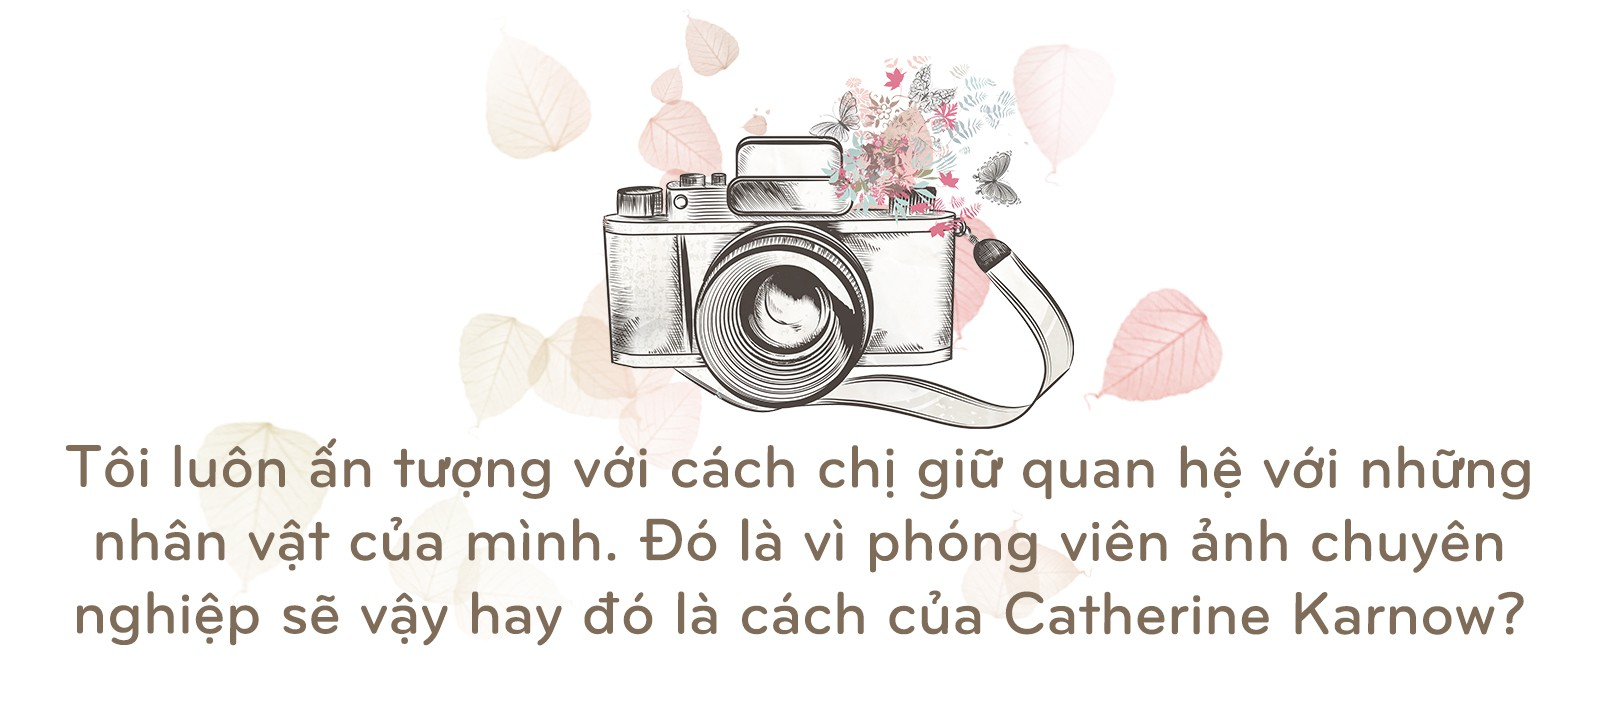 Catherine Karnow: Gặp duyên ở Việt Nam - Ảnh 14.